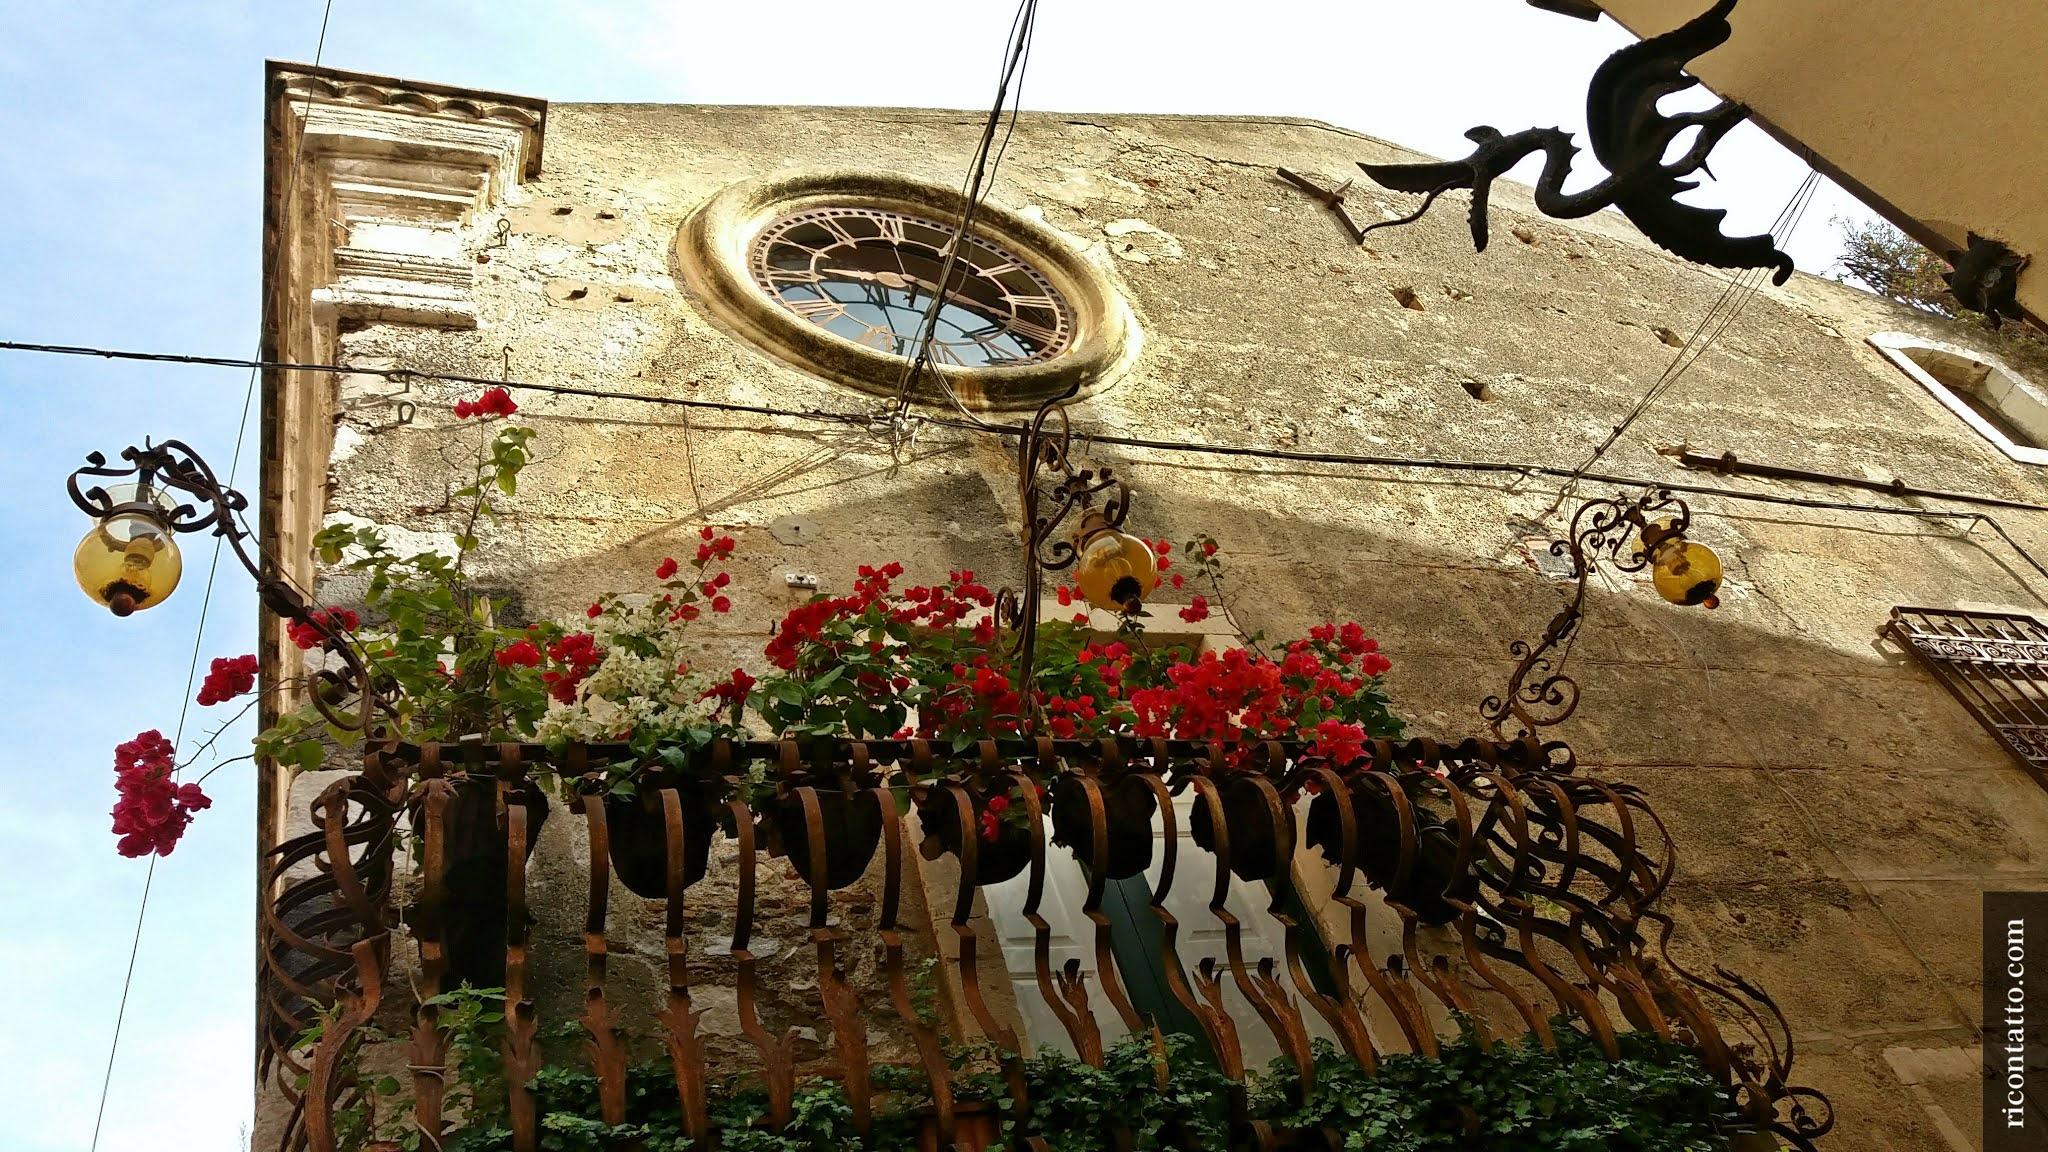 Taormina, Sicilia, Italy - Photo #04 by Ricontatto.com